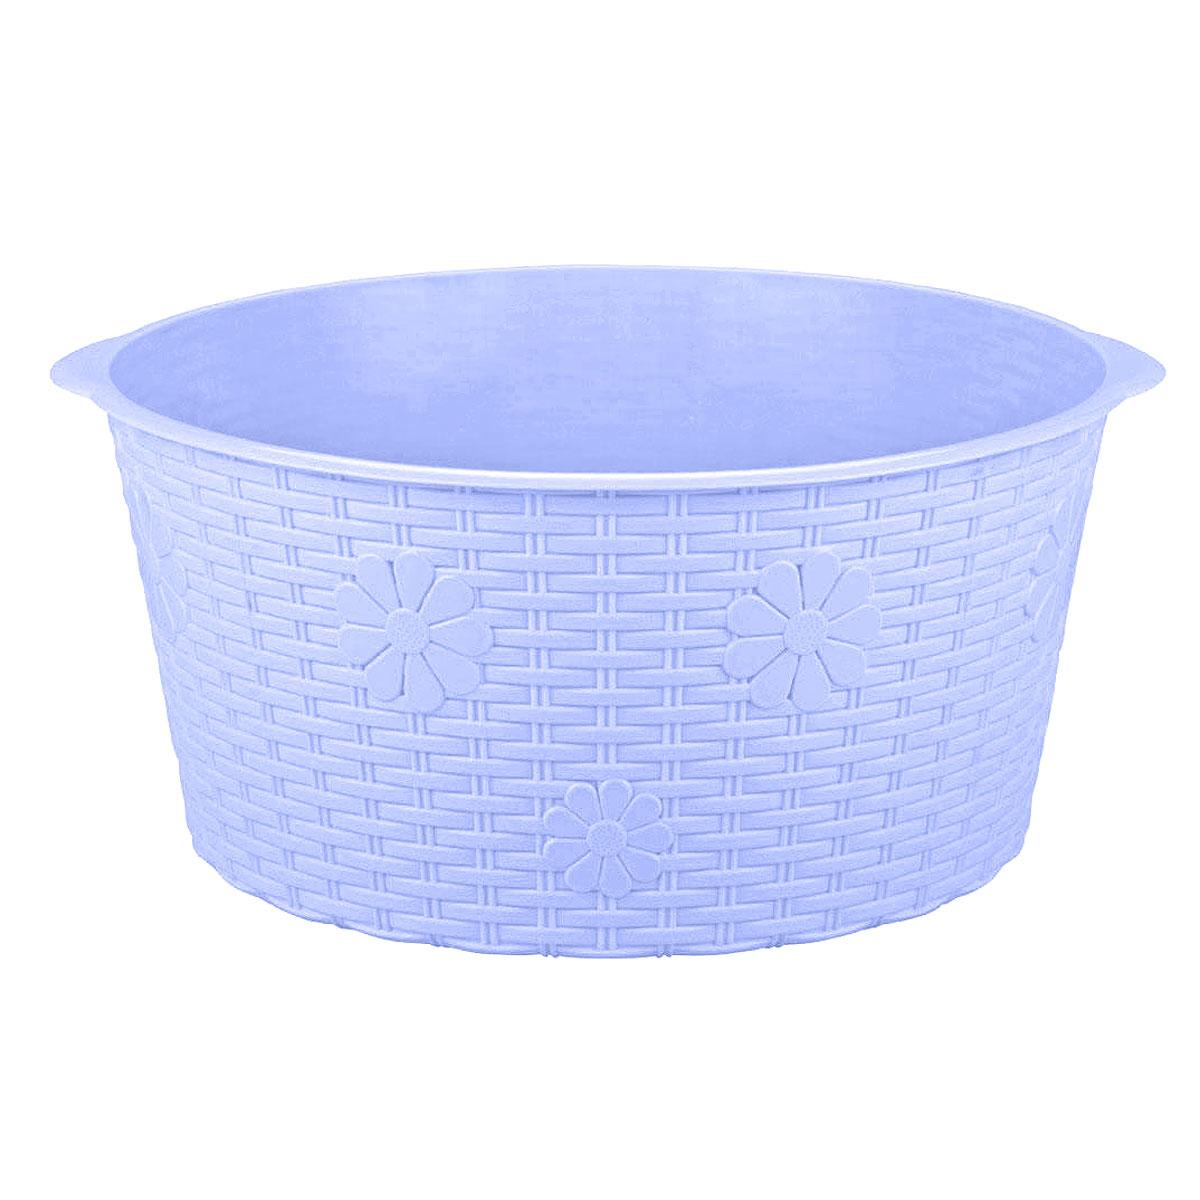 Таз Плетенка, цвет: голубой, 20 лМ2258Таз Плетенка изготовлен из высококачественного пластика. Он выполнен в классическом круглом варианте. Для удобного использования таз снабжен двумя ручками. Таз предназначен для стирки и хранения разных вещей. Он пригодится в любом хозяйстве.